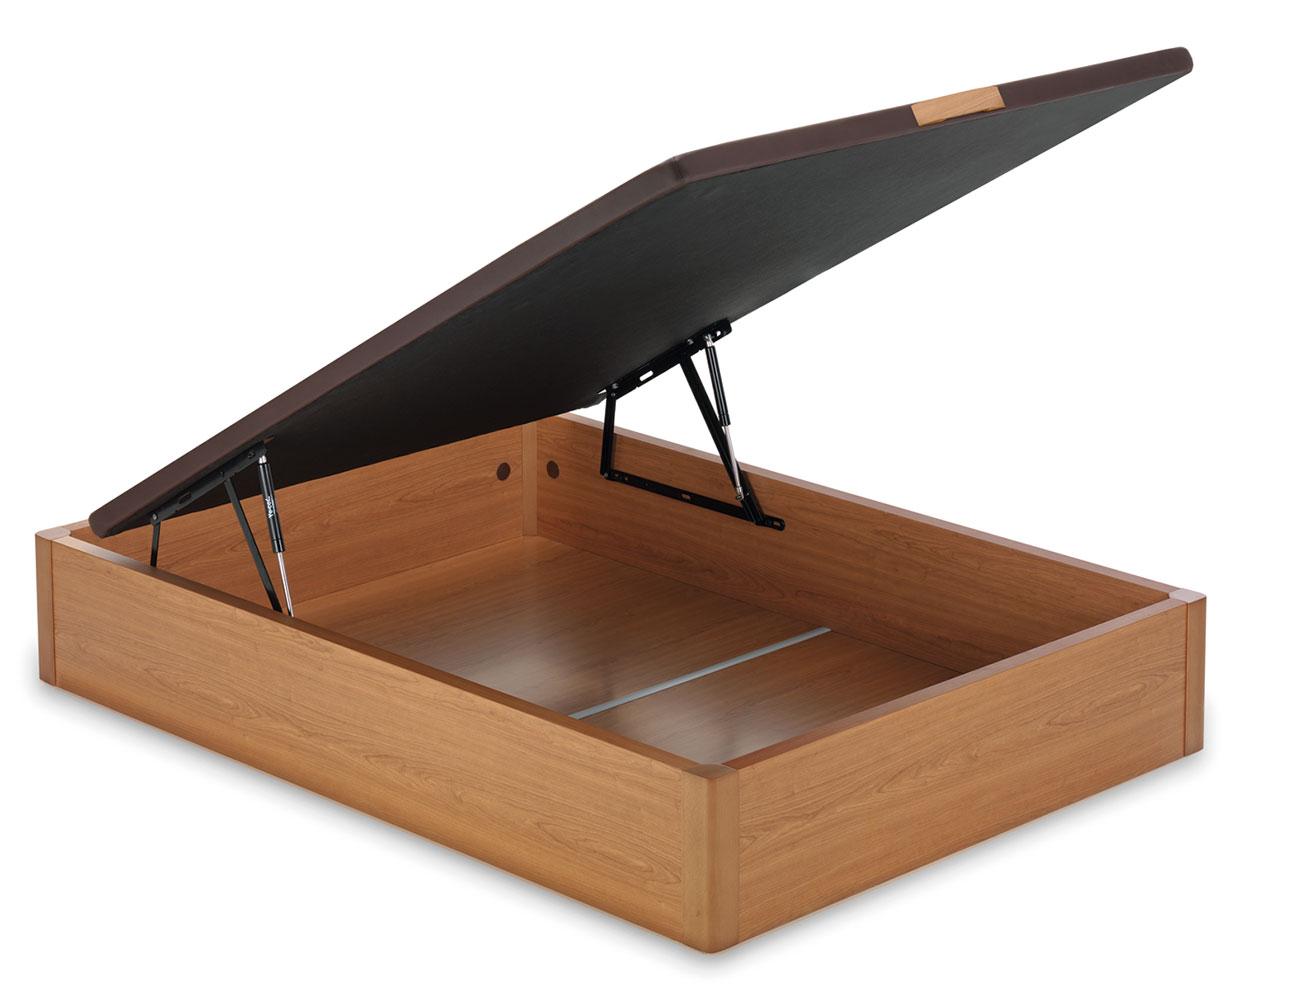 Canape madera 5 cm grosor gran calidad abierto6